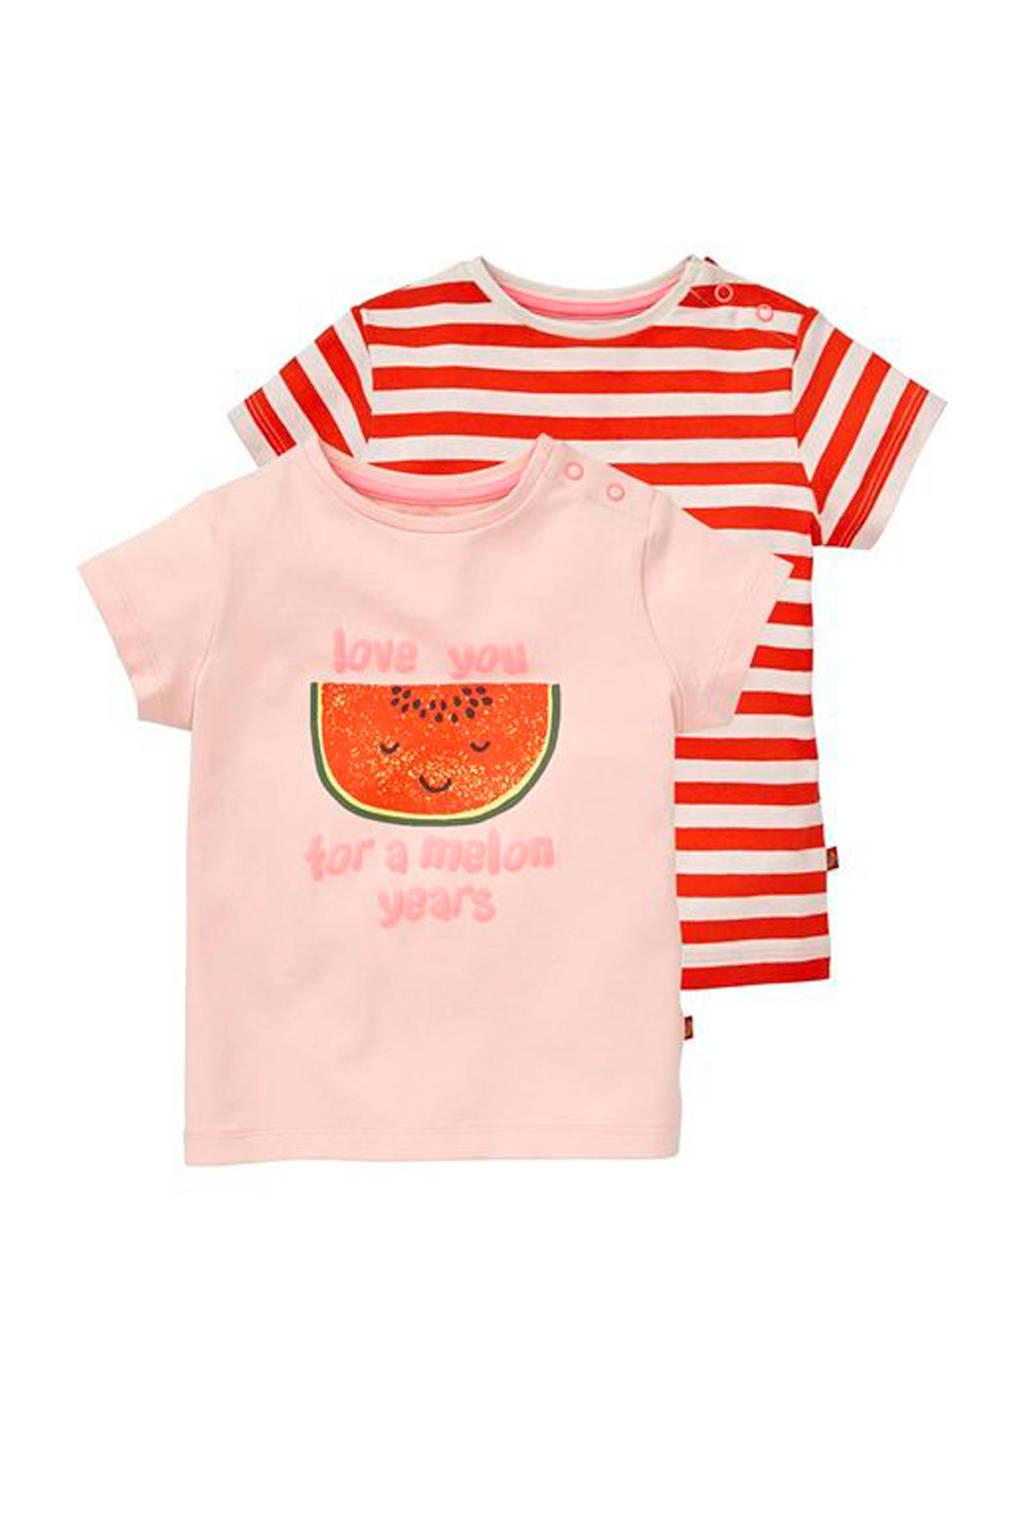 HEMA T-shirt - set van 2, Lichtroze/rood